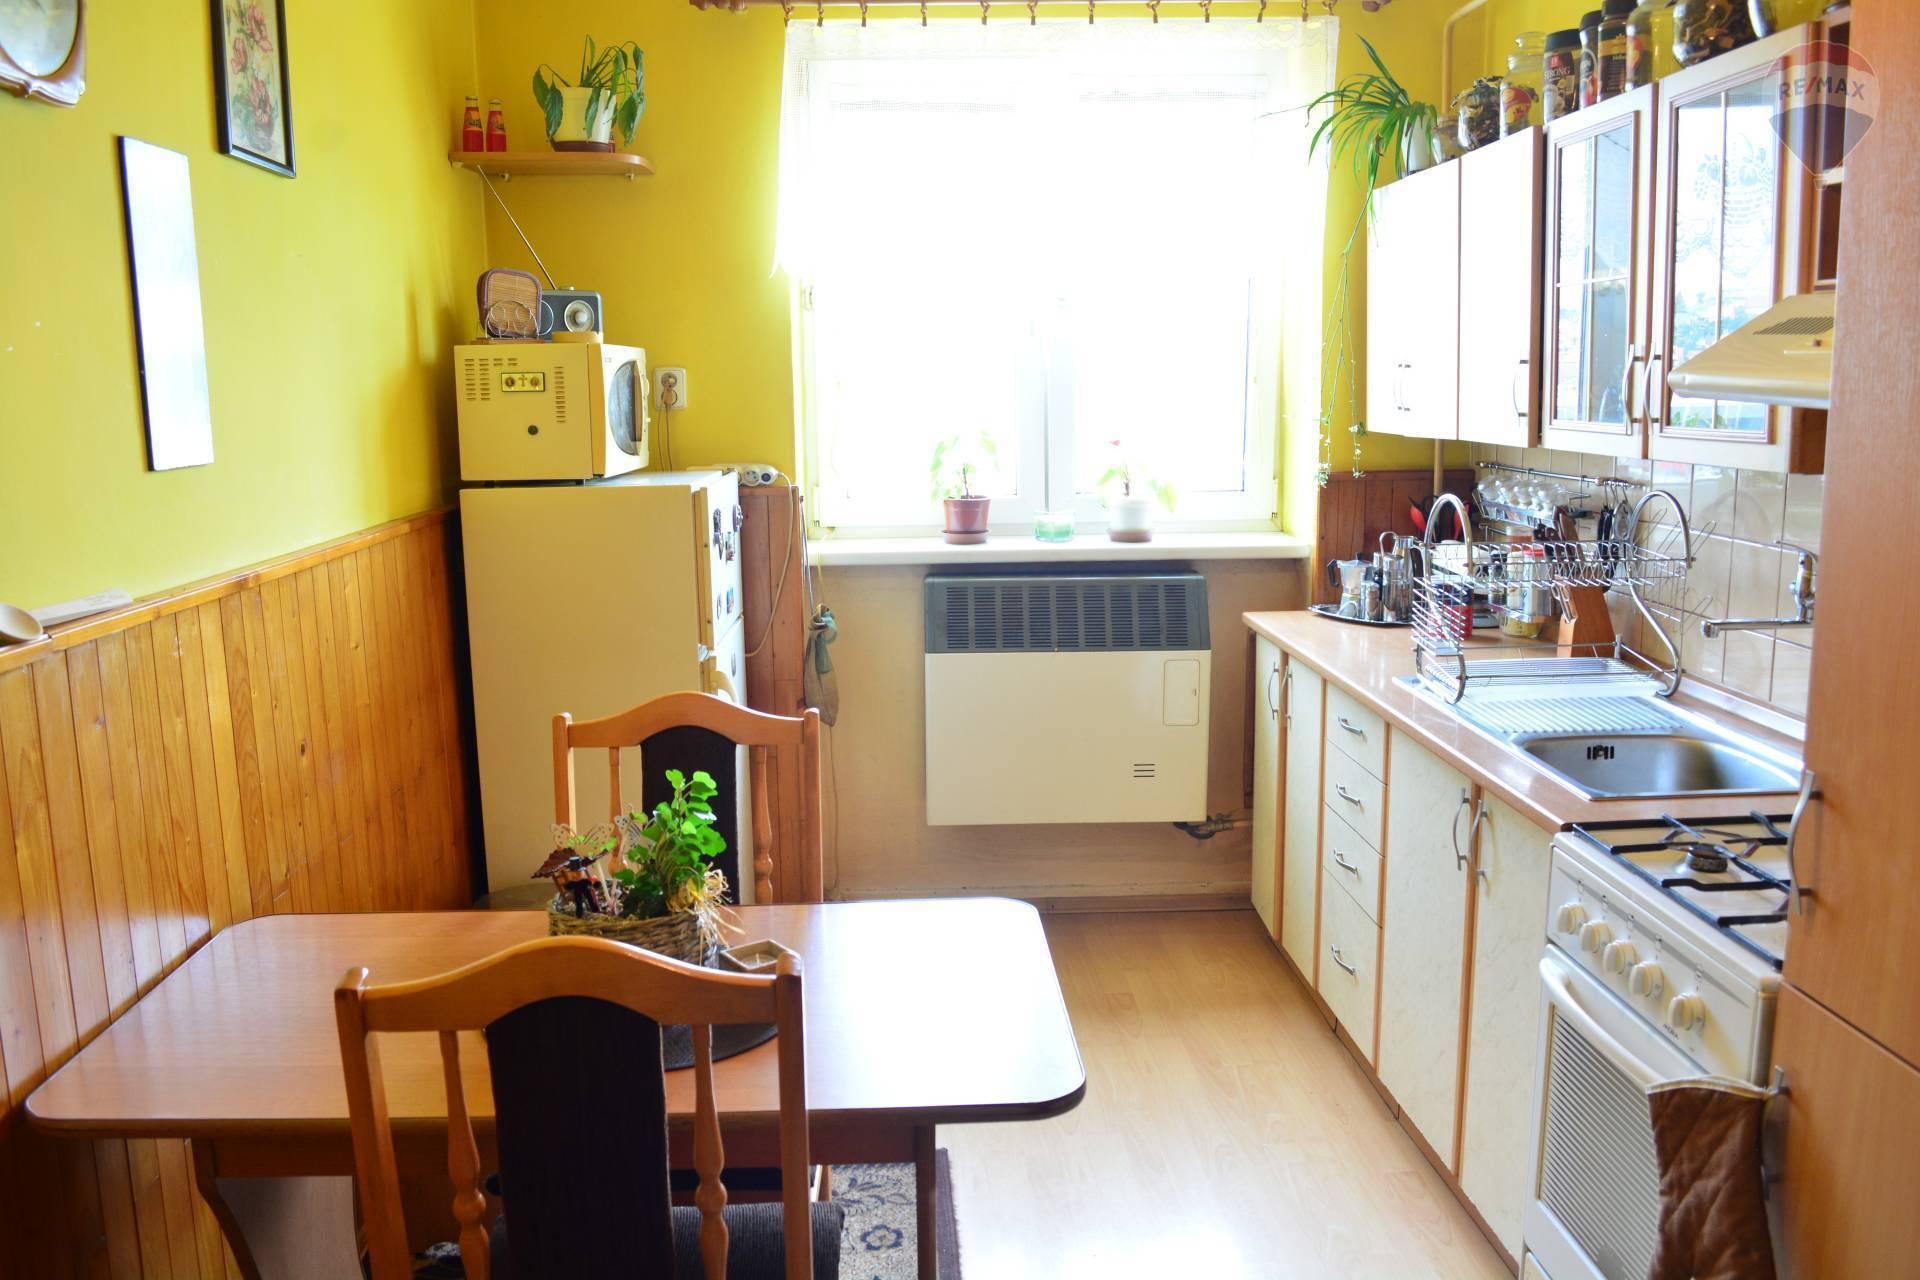 2 - izbový byt na predaj,  ul. Gen. Štefánika Kežmarok